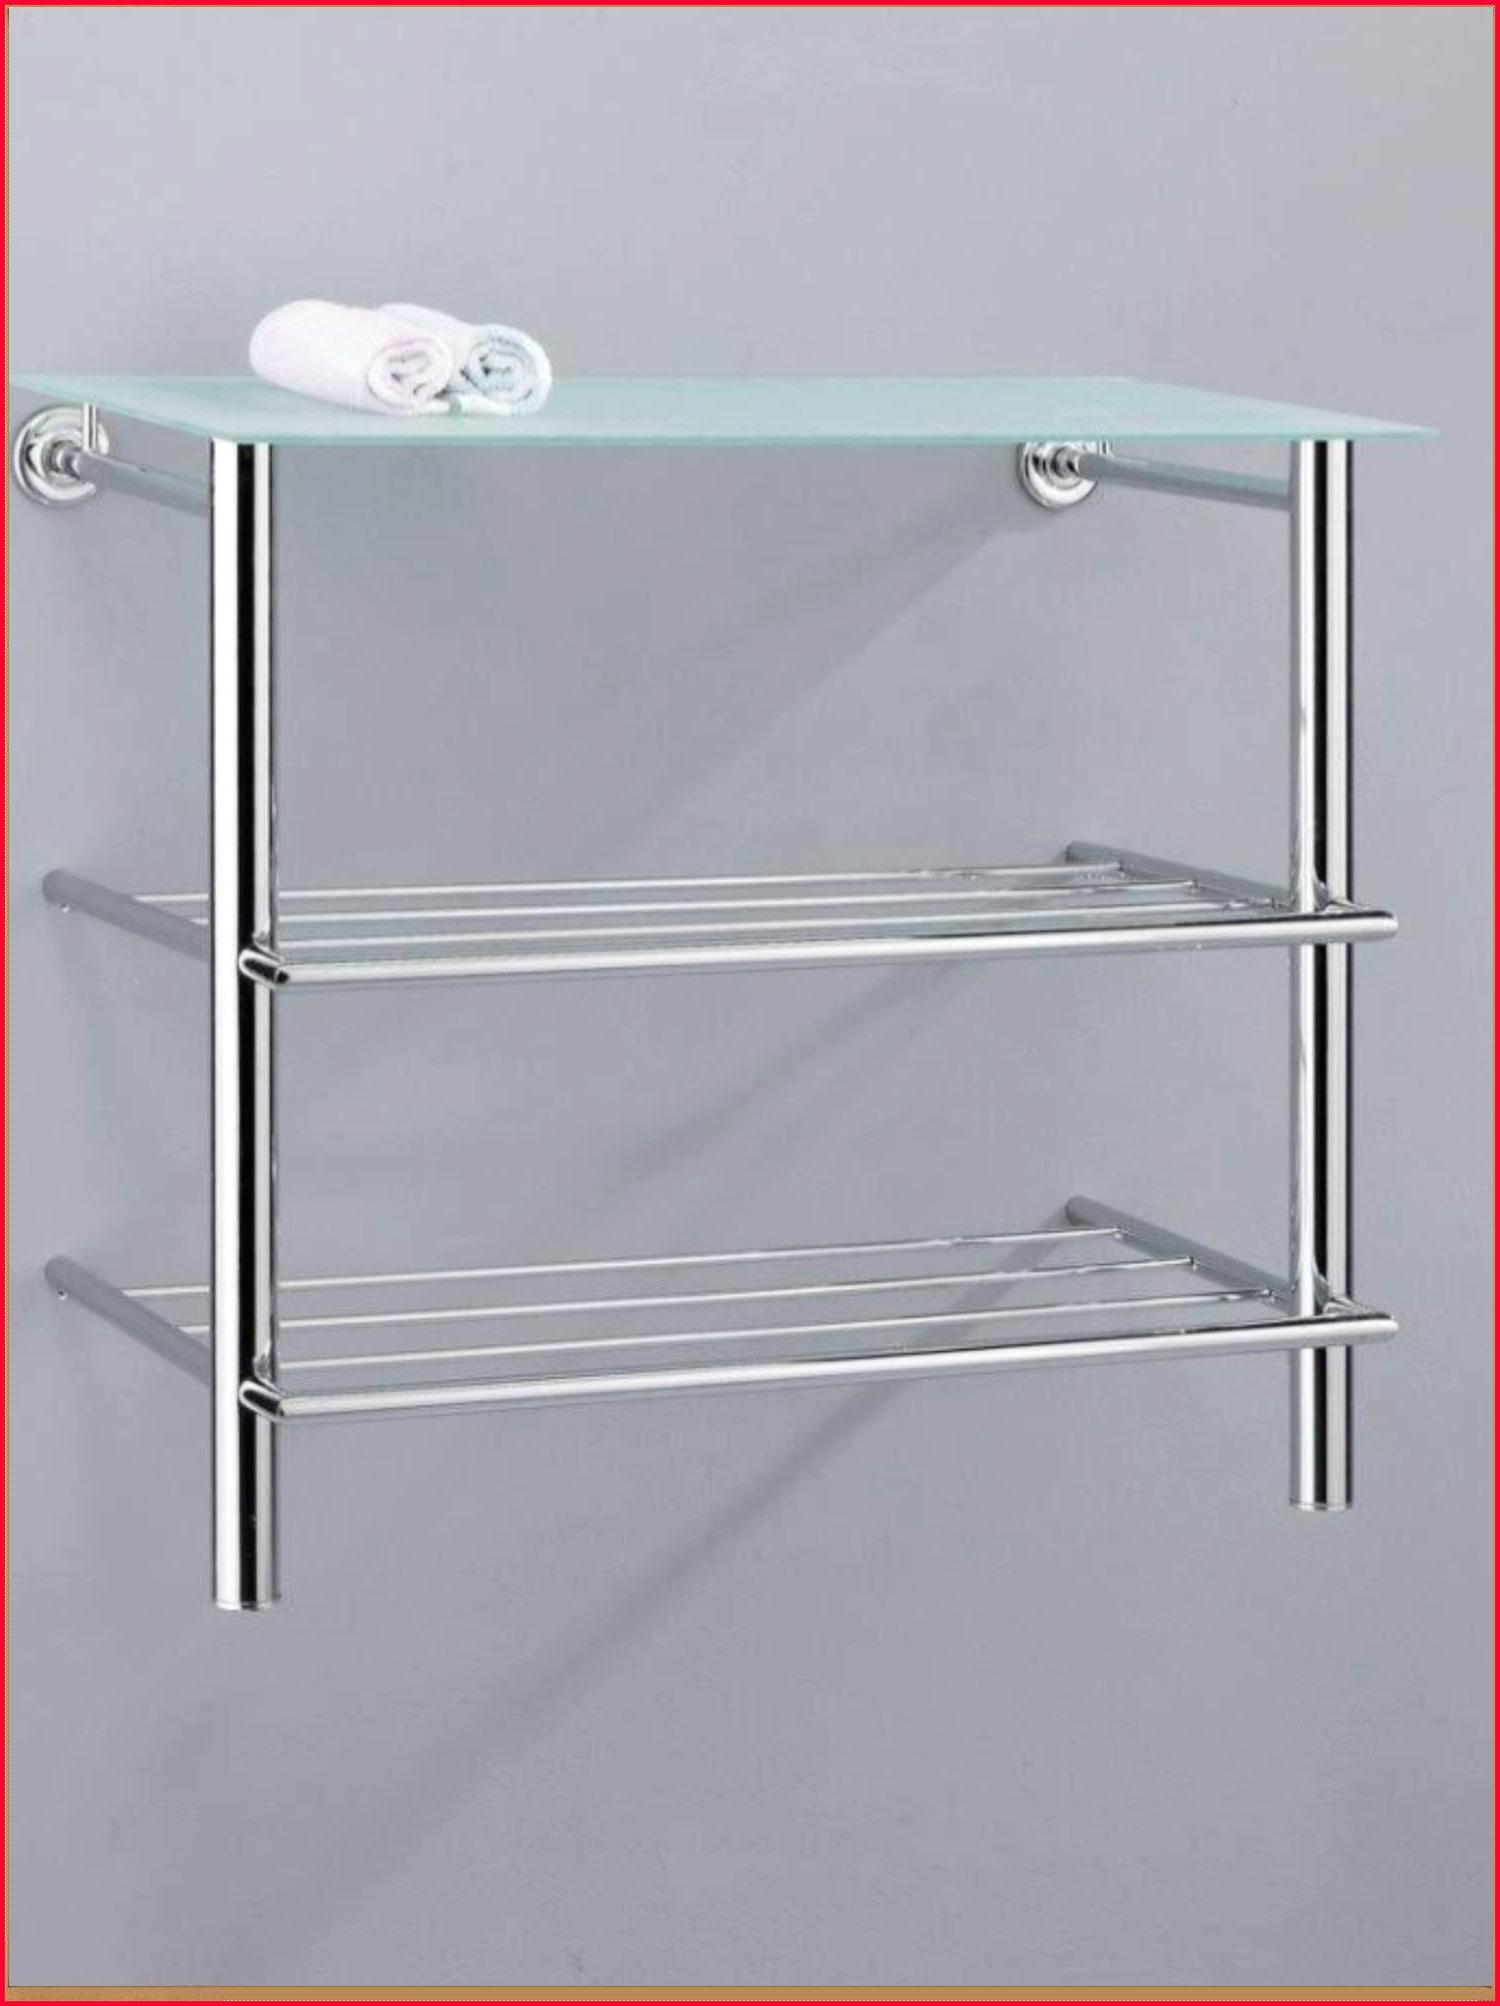 Muebles De Baño Amazon 3ldq Estanterias Baà O Estanteria Telescopica BaO Rieles